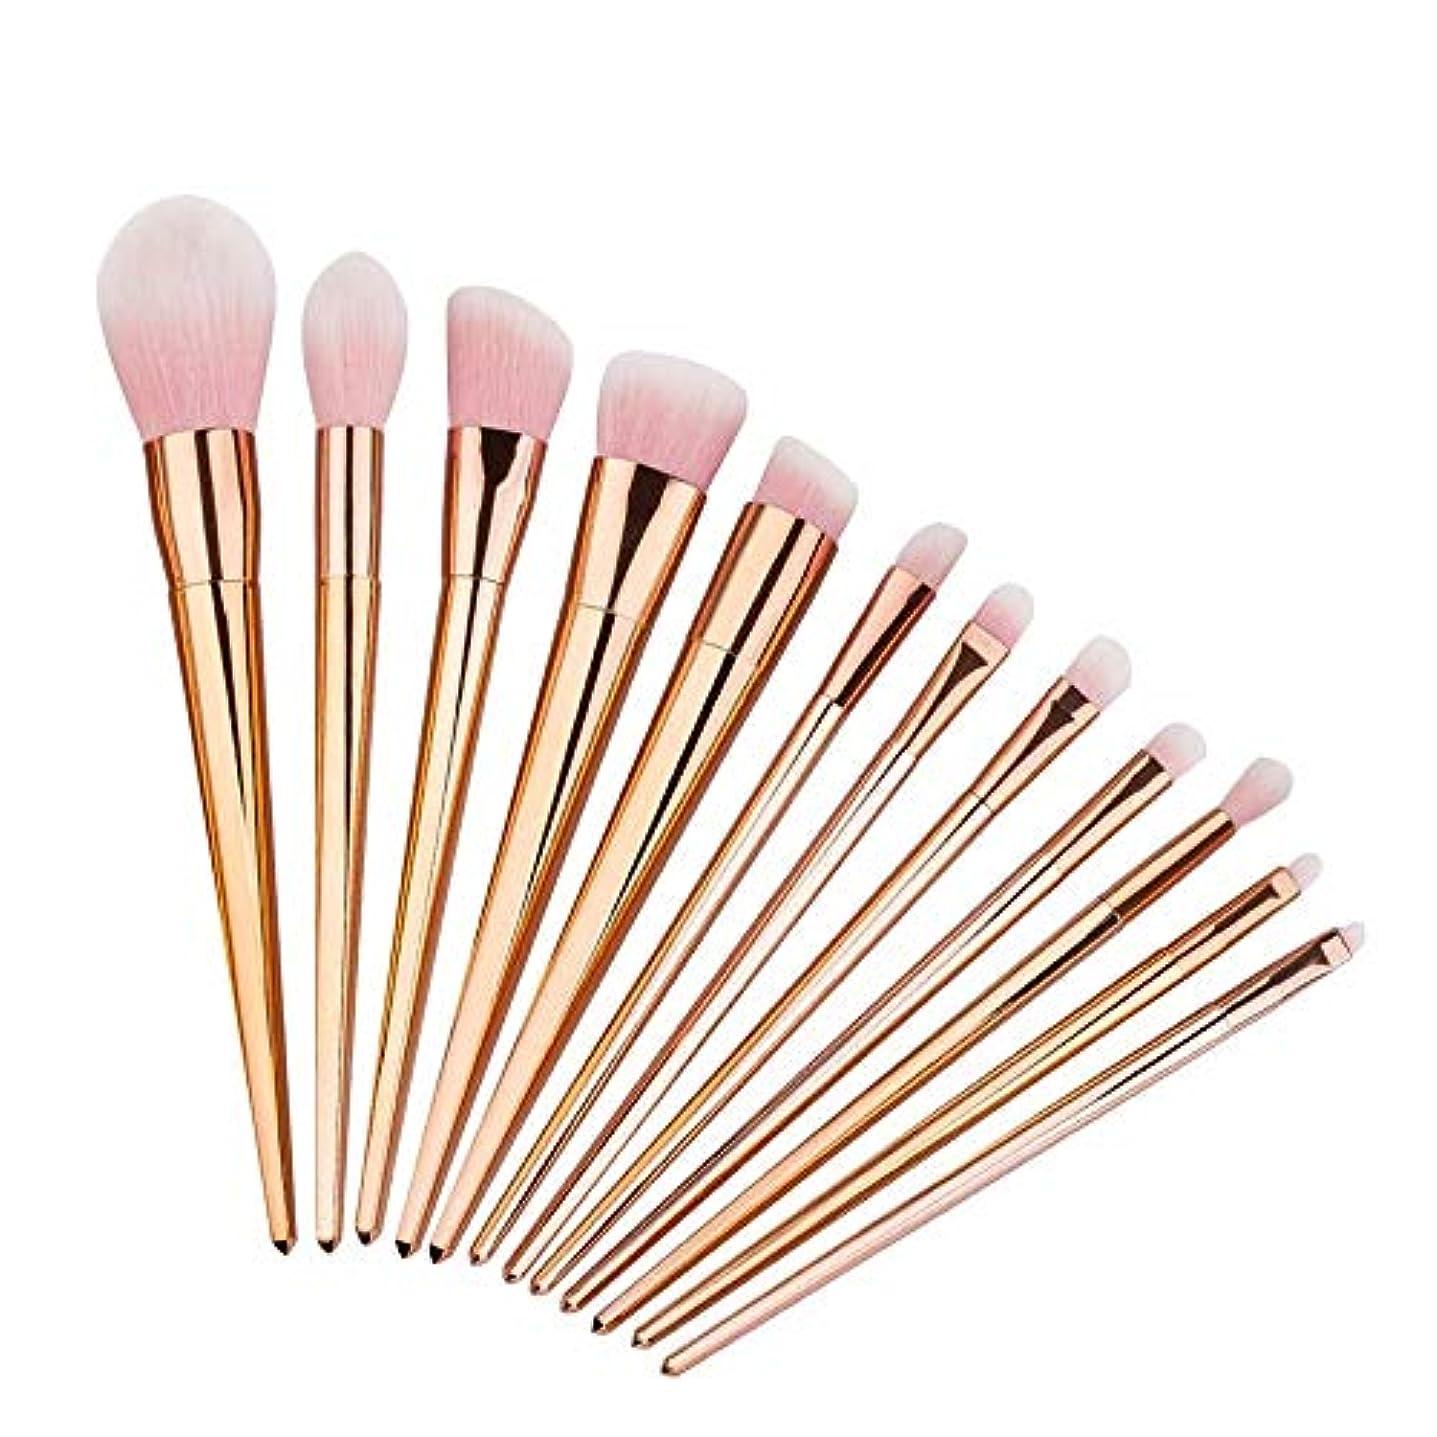 融合新年ペフプロフェッショナル メイクブラシ 化粧筆 シリーズ 化粧ブラシセット 高級タクロン 超柔らかい 可愛い リップブラシツール 12本セット